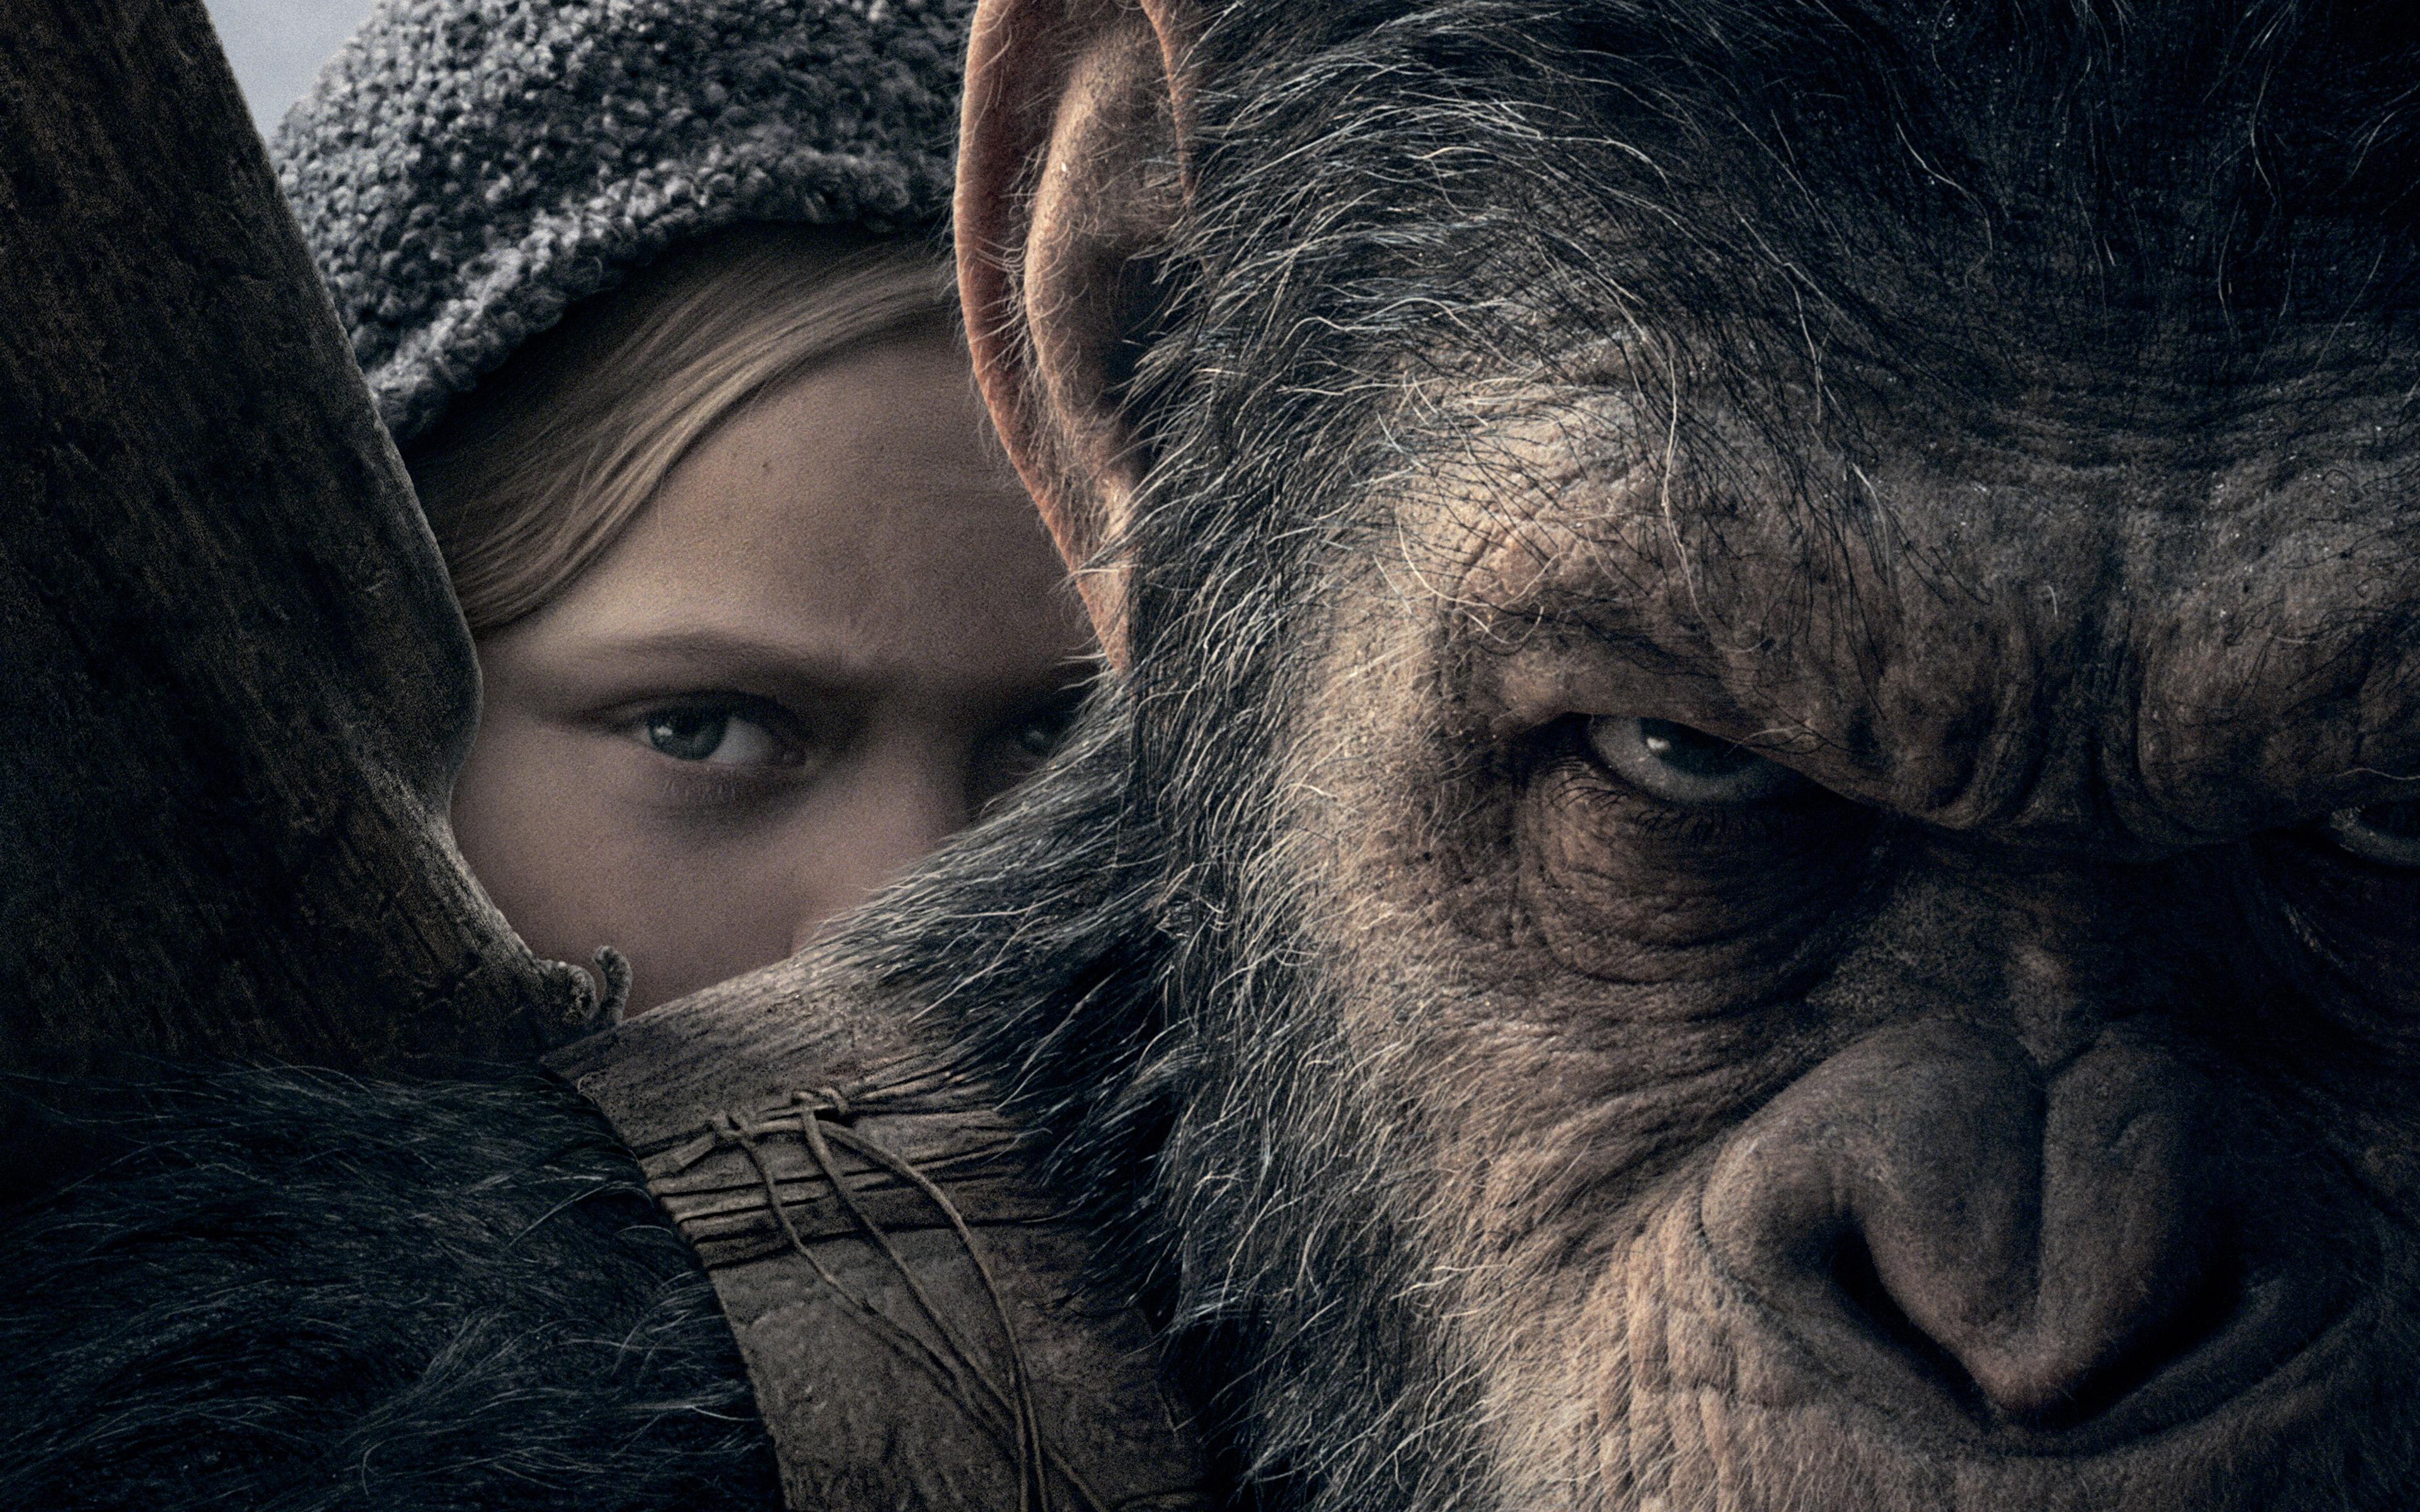 Amiah Миллер войну за планету обезьян. обои скачать